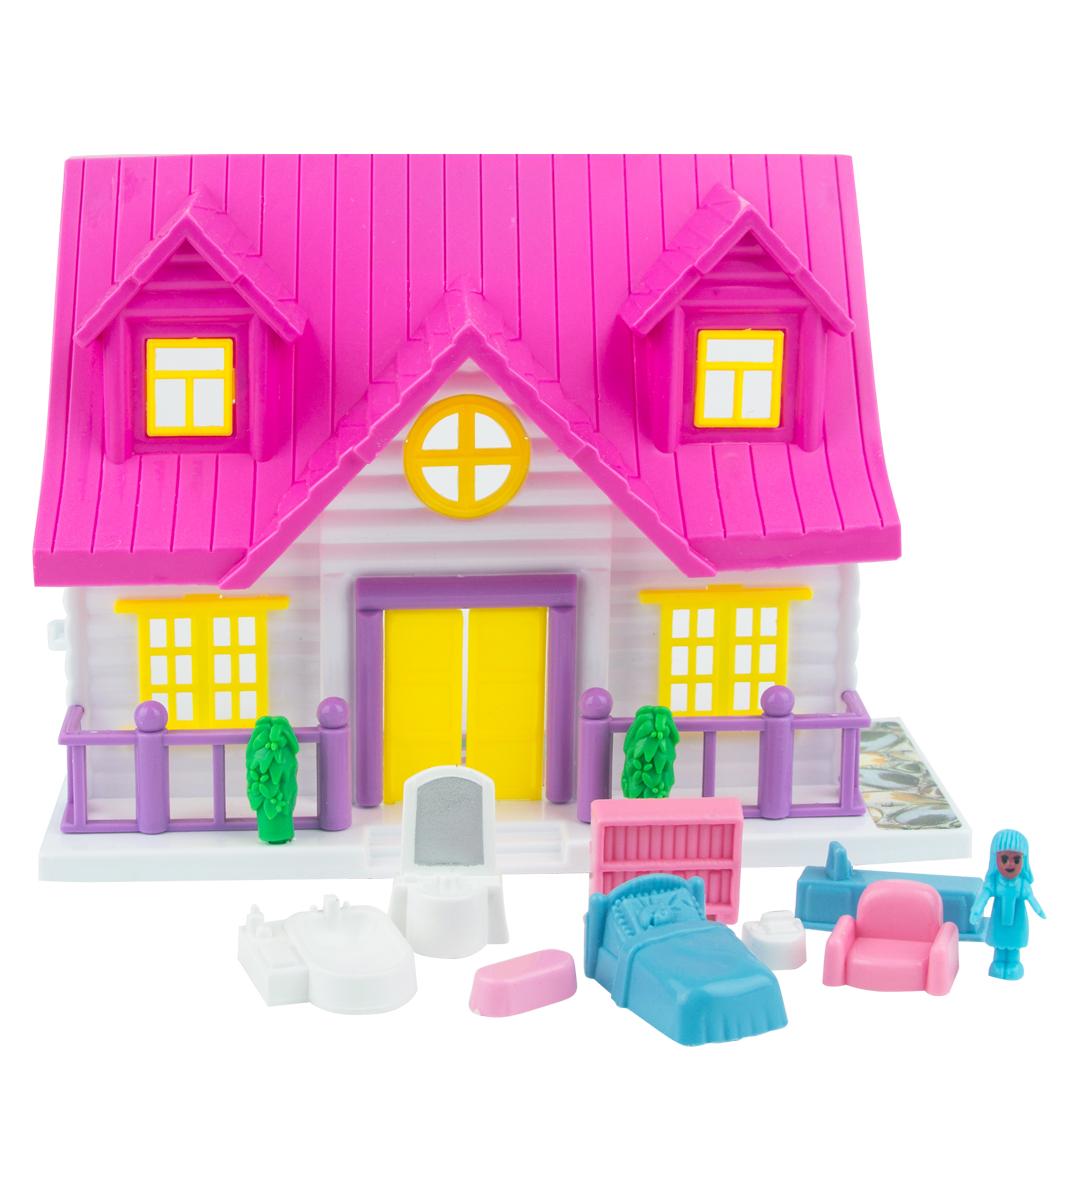 EstaBella Кукольный домик Солнечный городок улица Зеленая дом 4 с лестницей цвет розовый кукольный домик лего 10505 купить